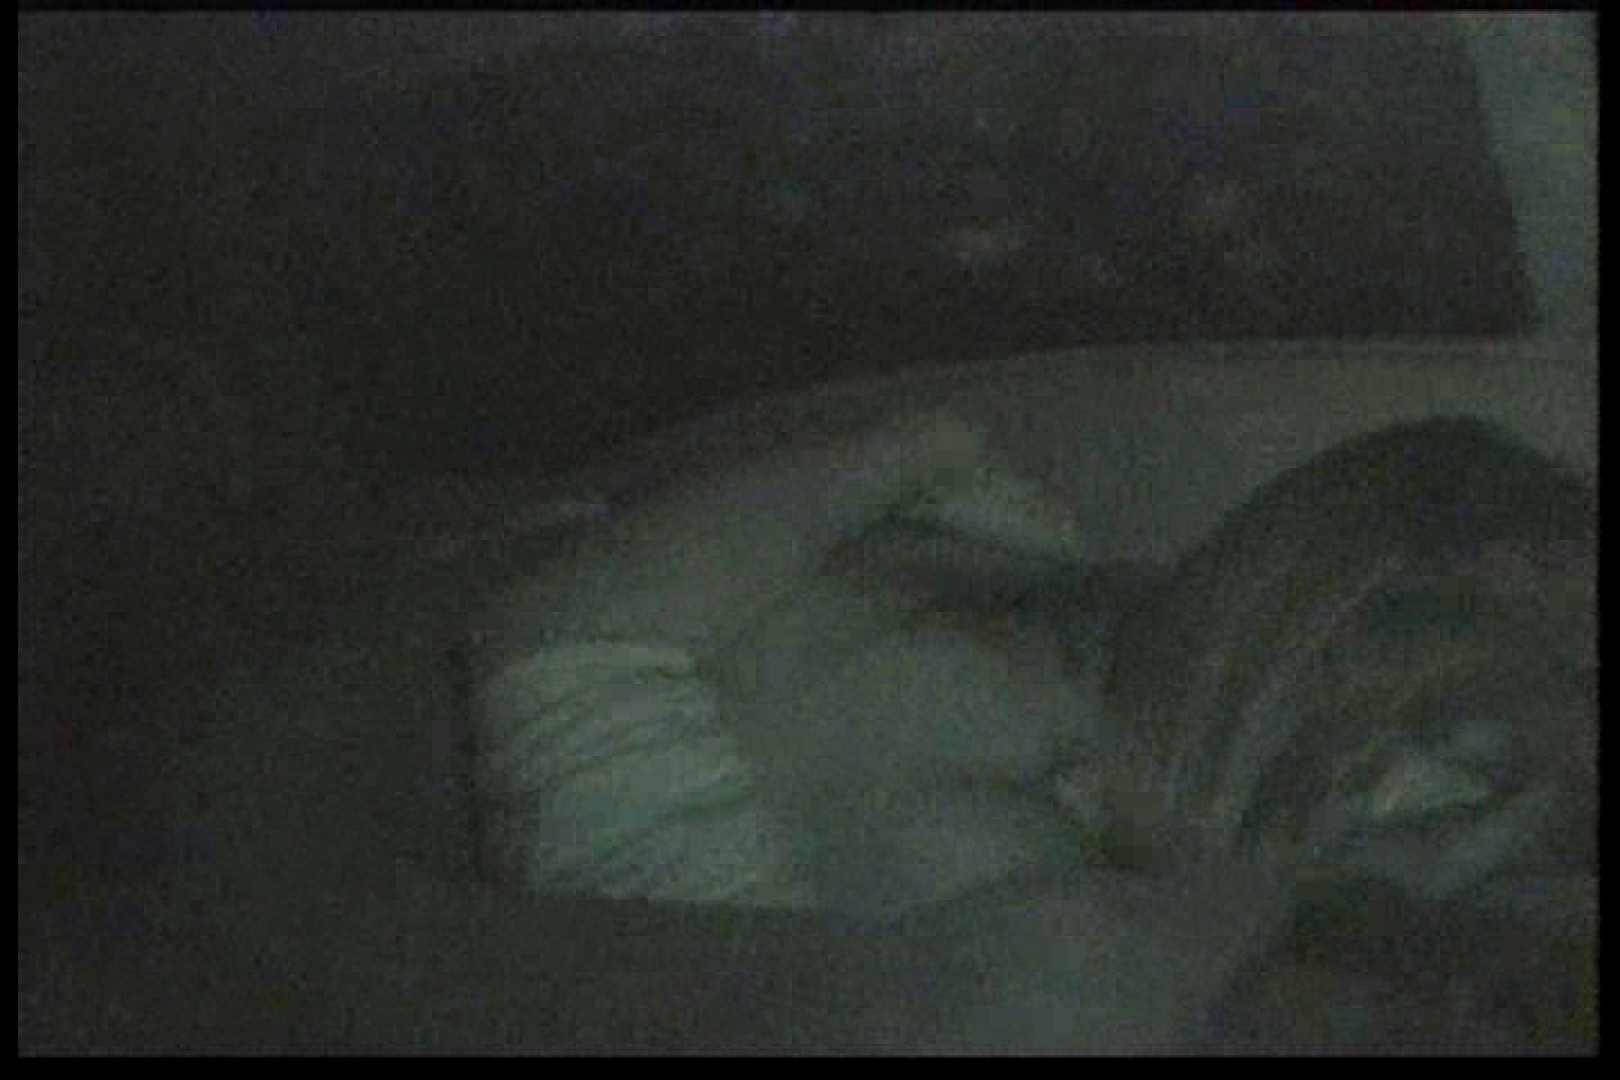 カーセックス未編集・無修正版 Vol.8前編 覗き放題 隠し撮りオマンコ動画紹介 74画像 27